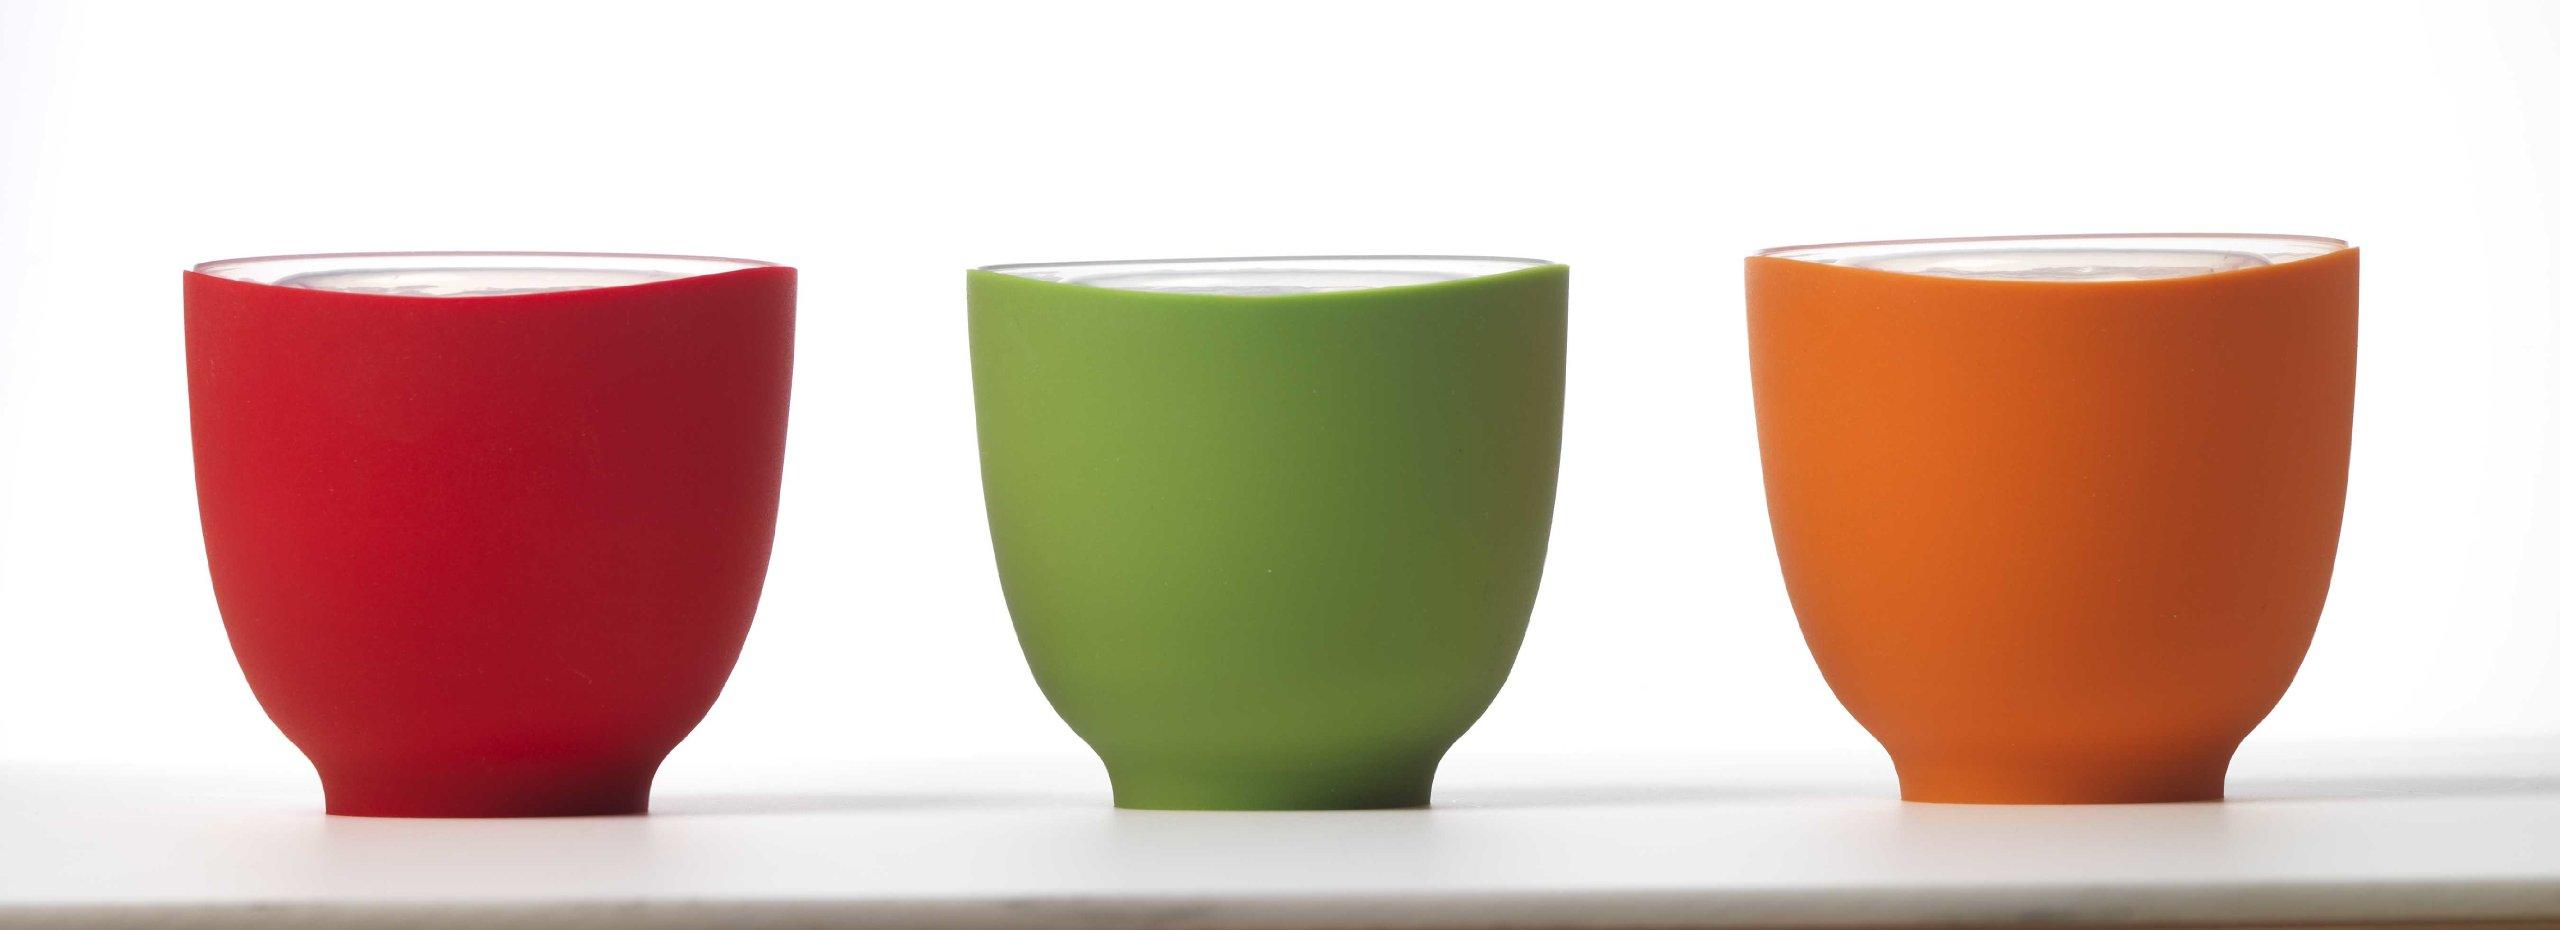 iSi Basics Flexible Silicone Prep Bowls, Set of 3, Red, Orange, Wasabi